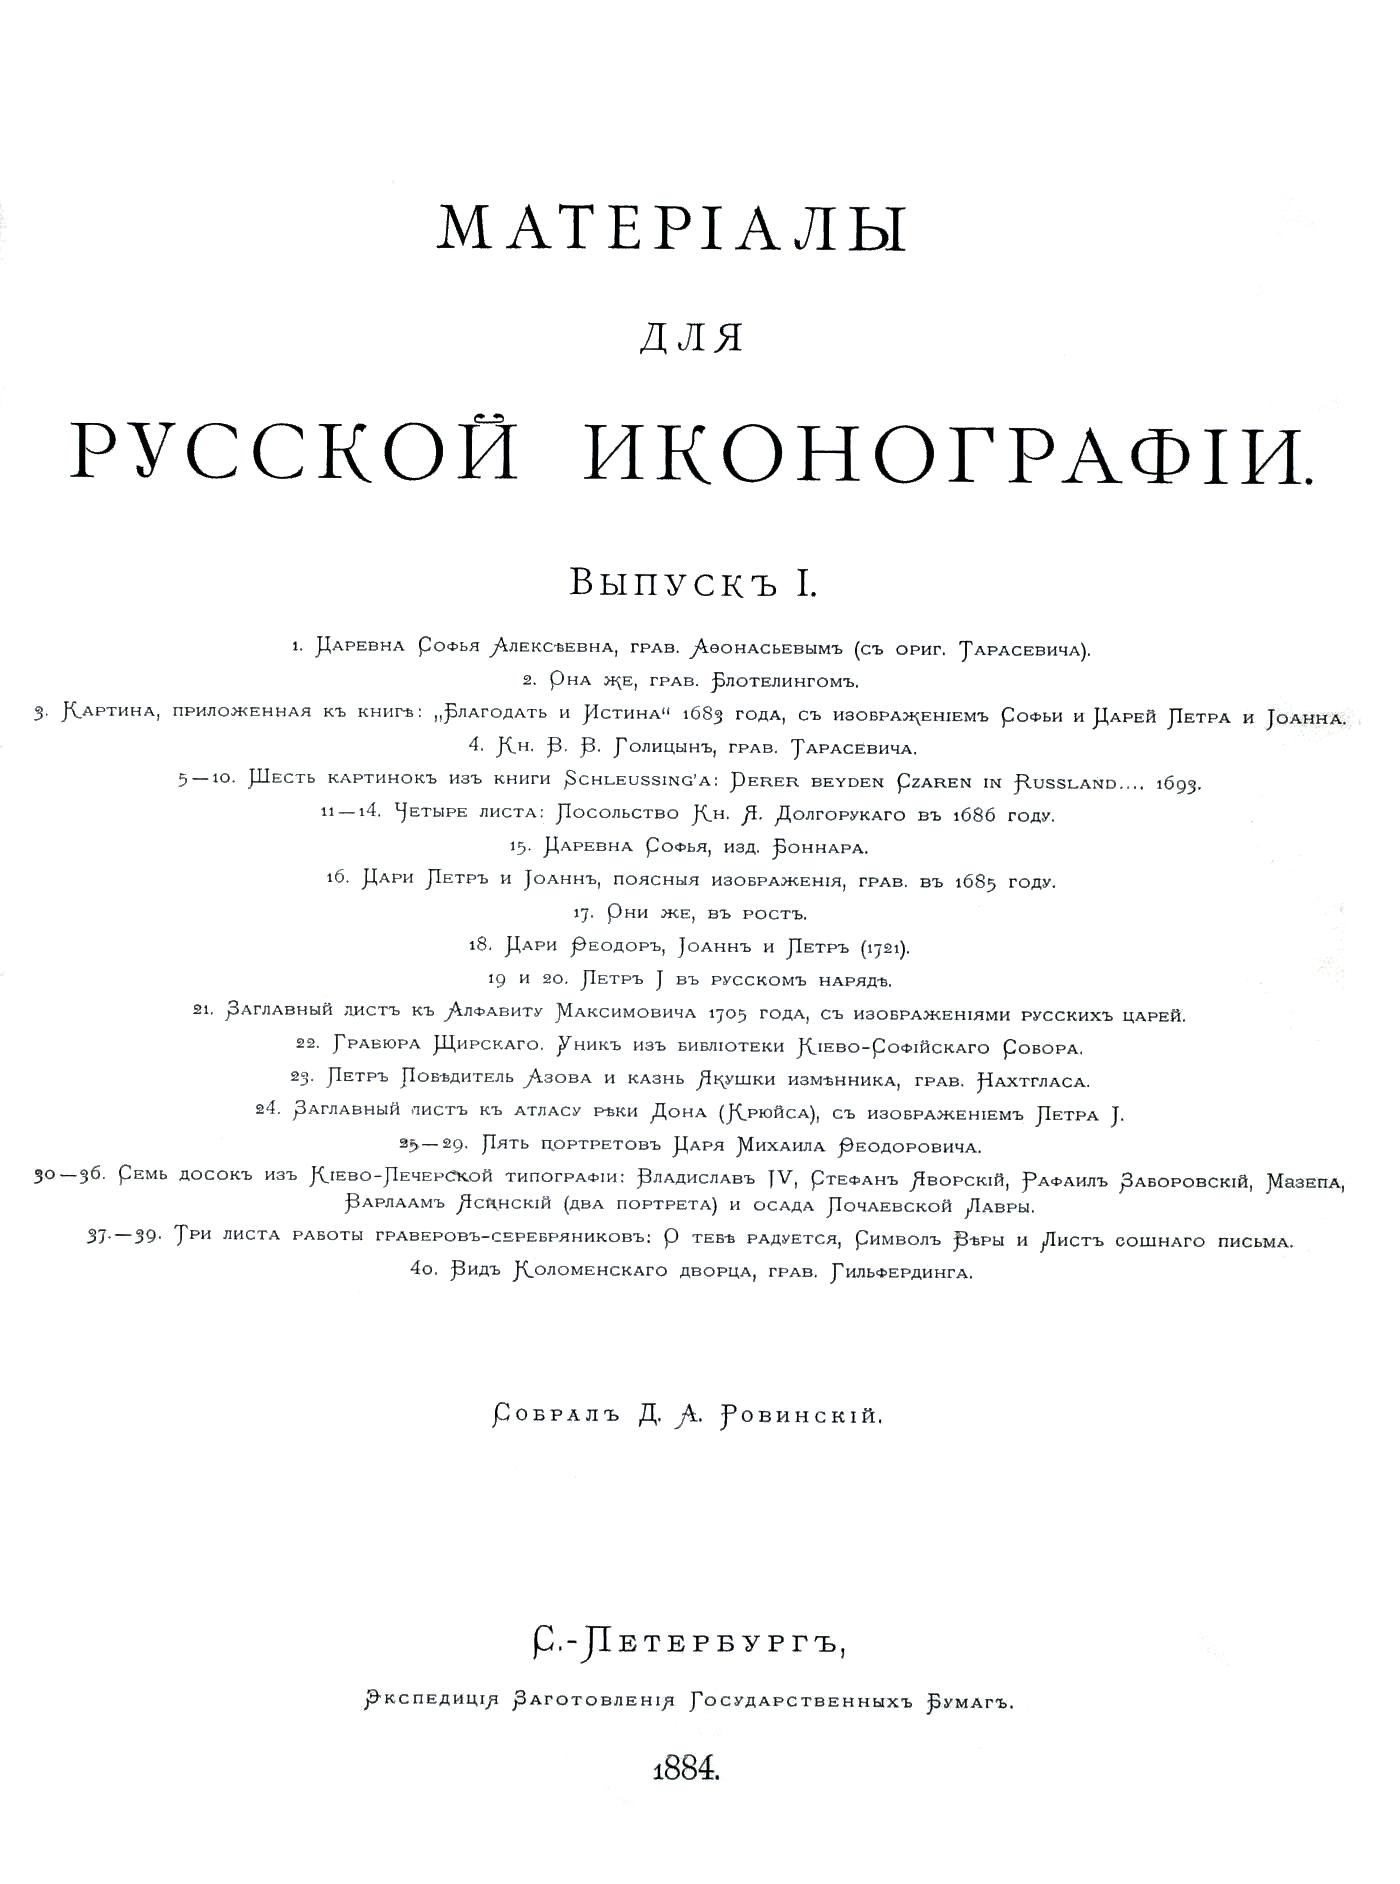 Титульный лист I тома Ровинский Д.А. Материалы для русской иконографии 1884–1891